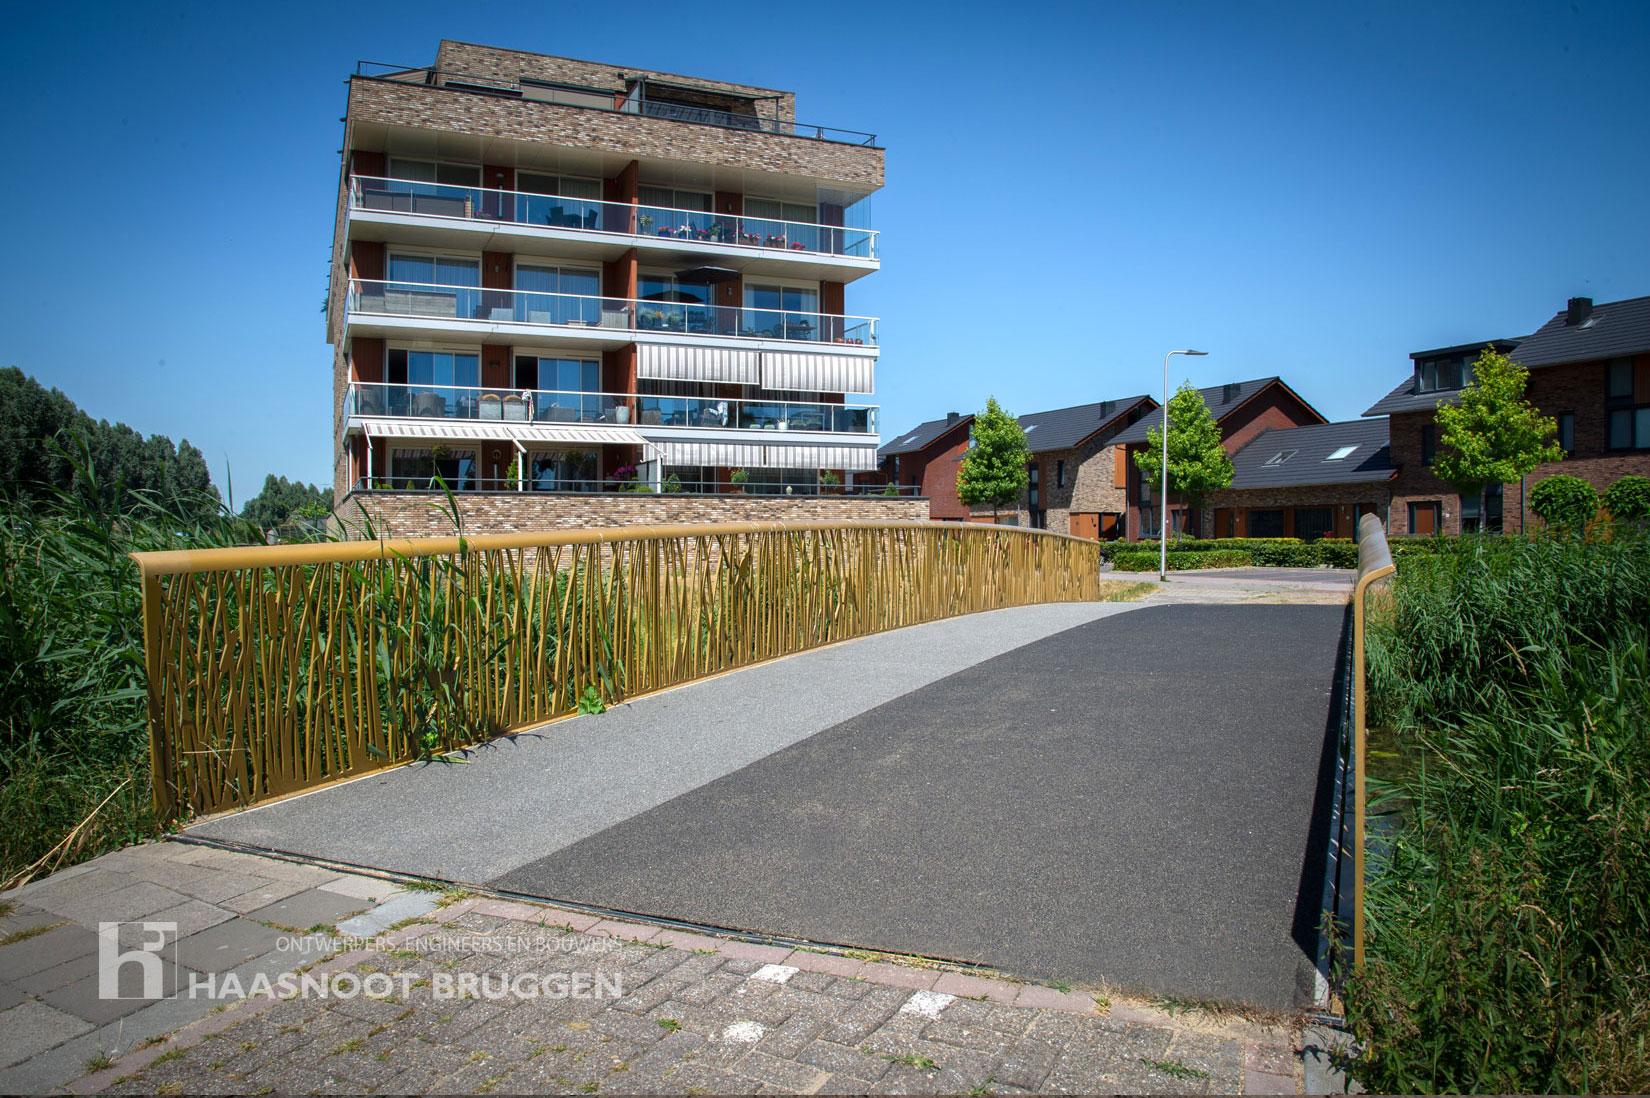 Alphen-ad-rijn bijzonder leuning nieuwe brug Haasnoot Bruggen